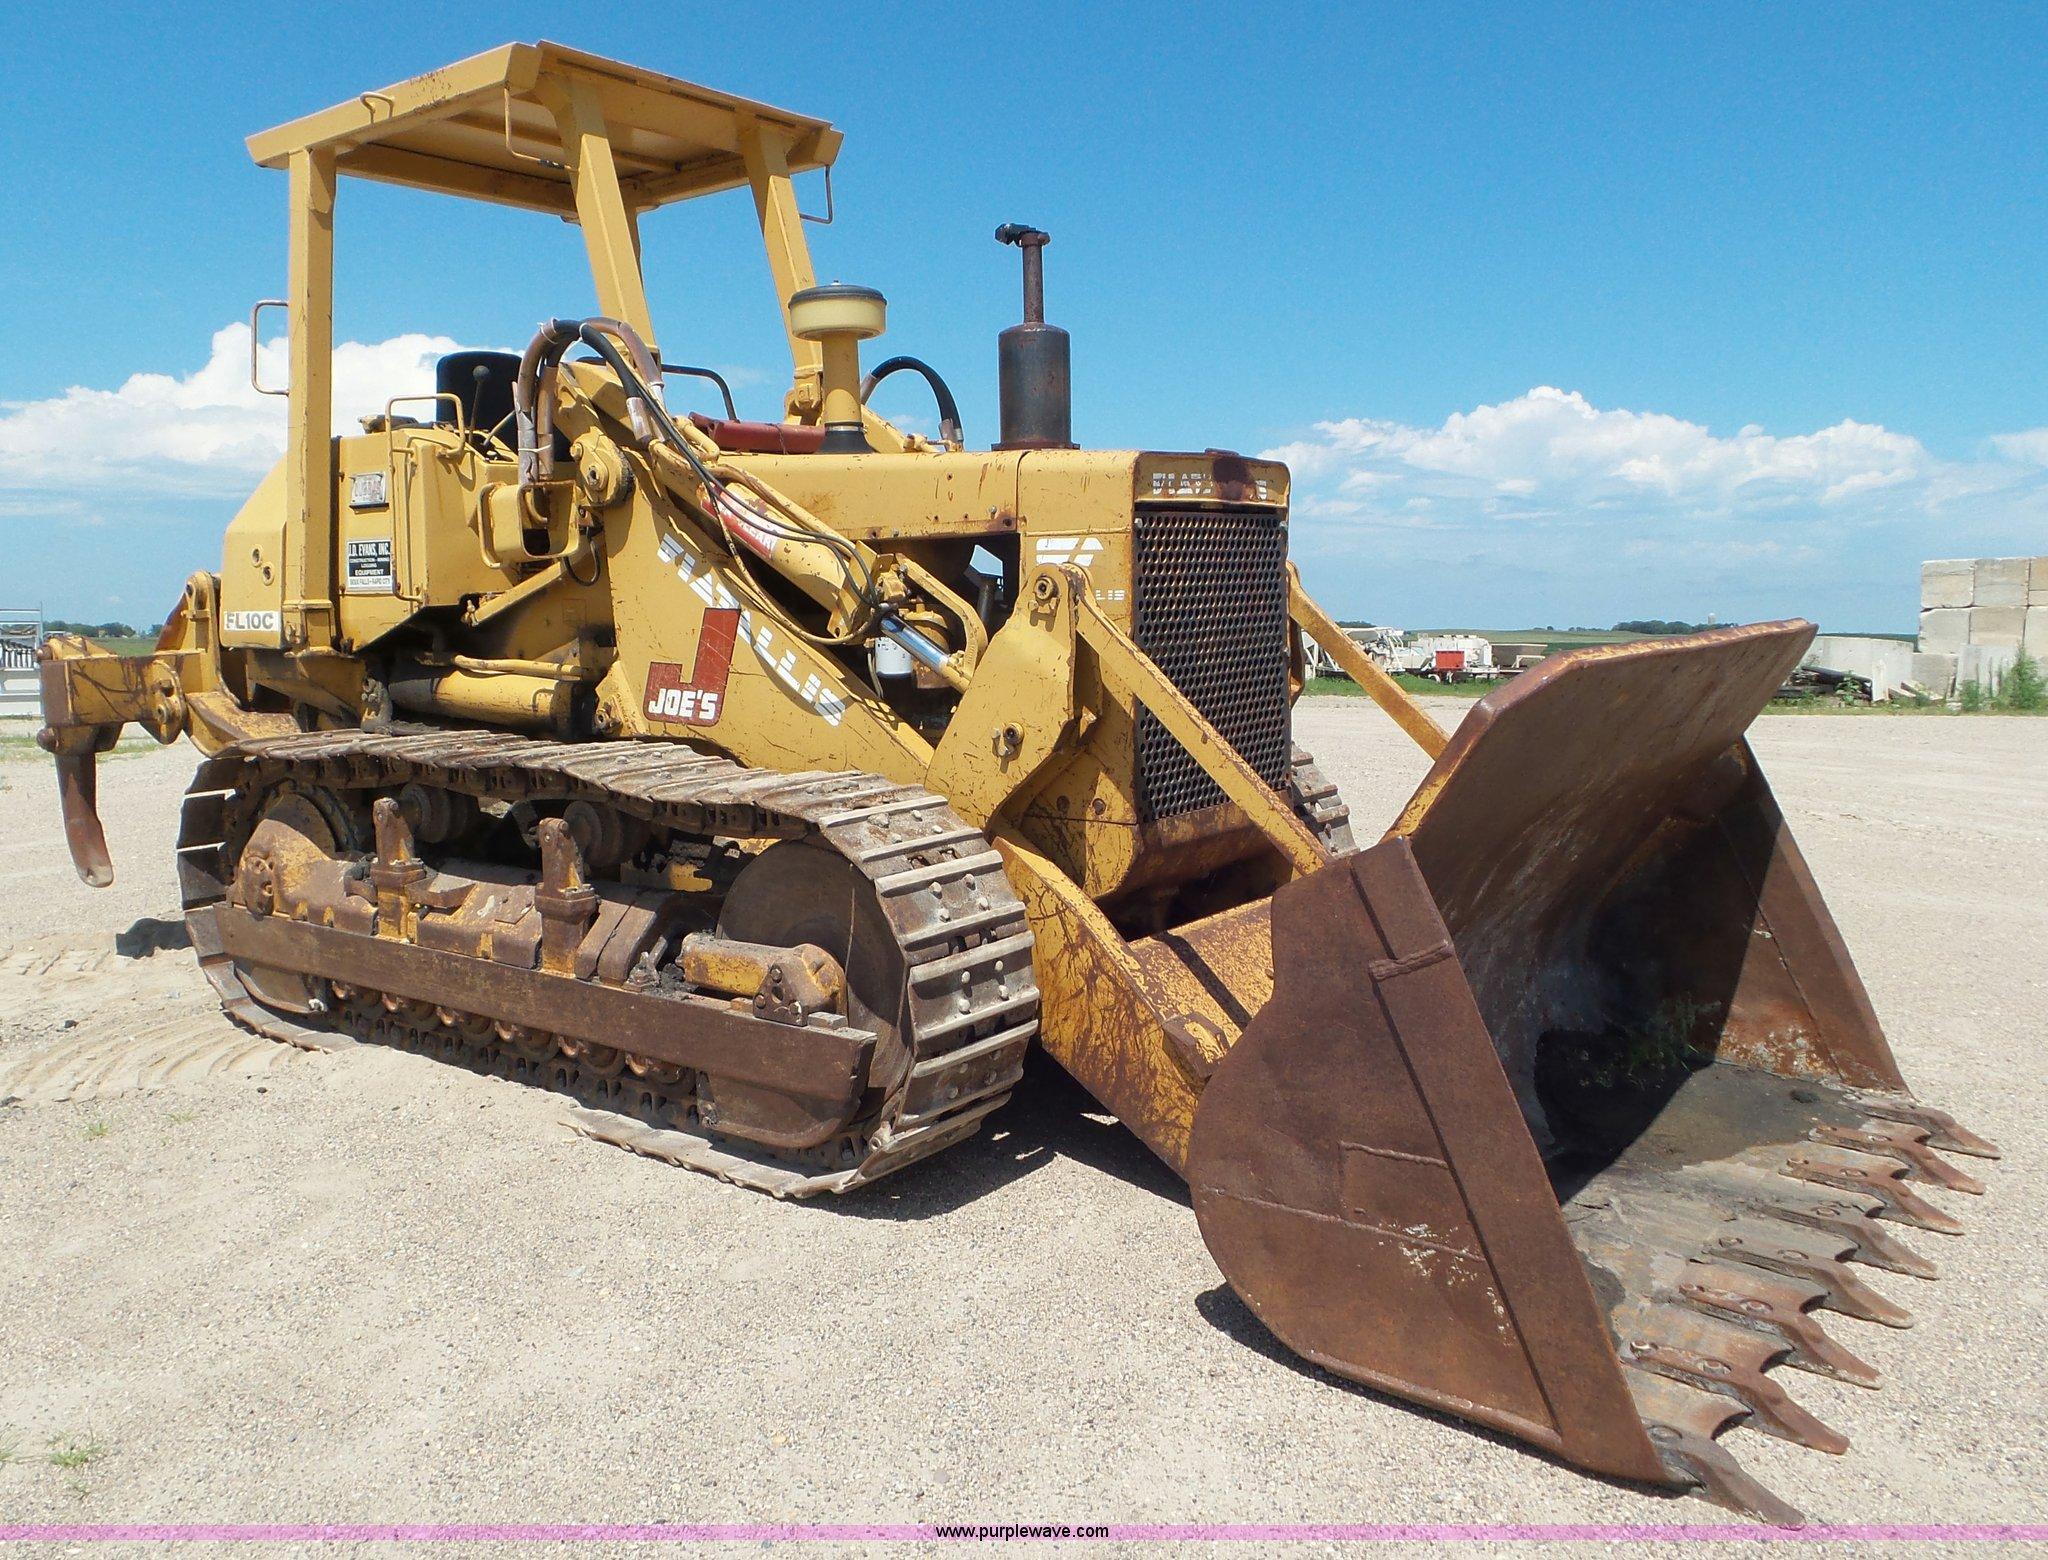 1987 fiat allis fl10c track loader in bellingham mn item l6840 sold purple wave 1987 fiat allis fl10c track loader in